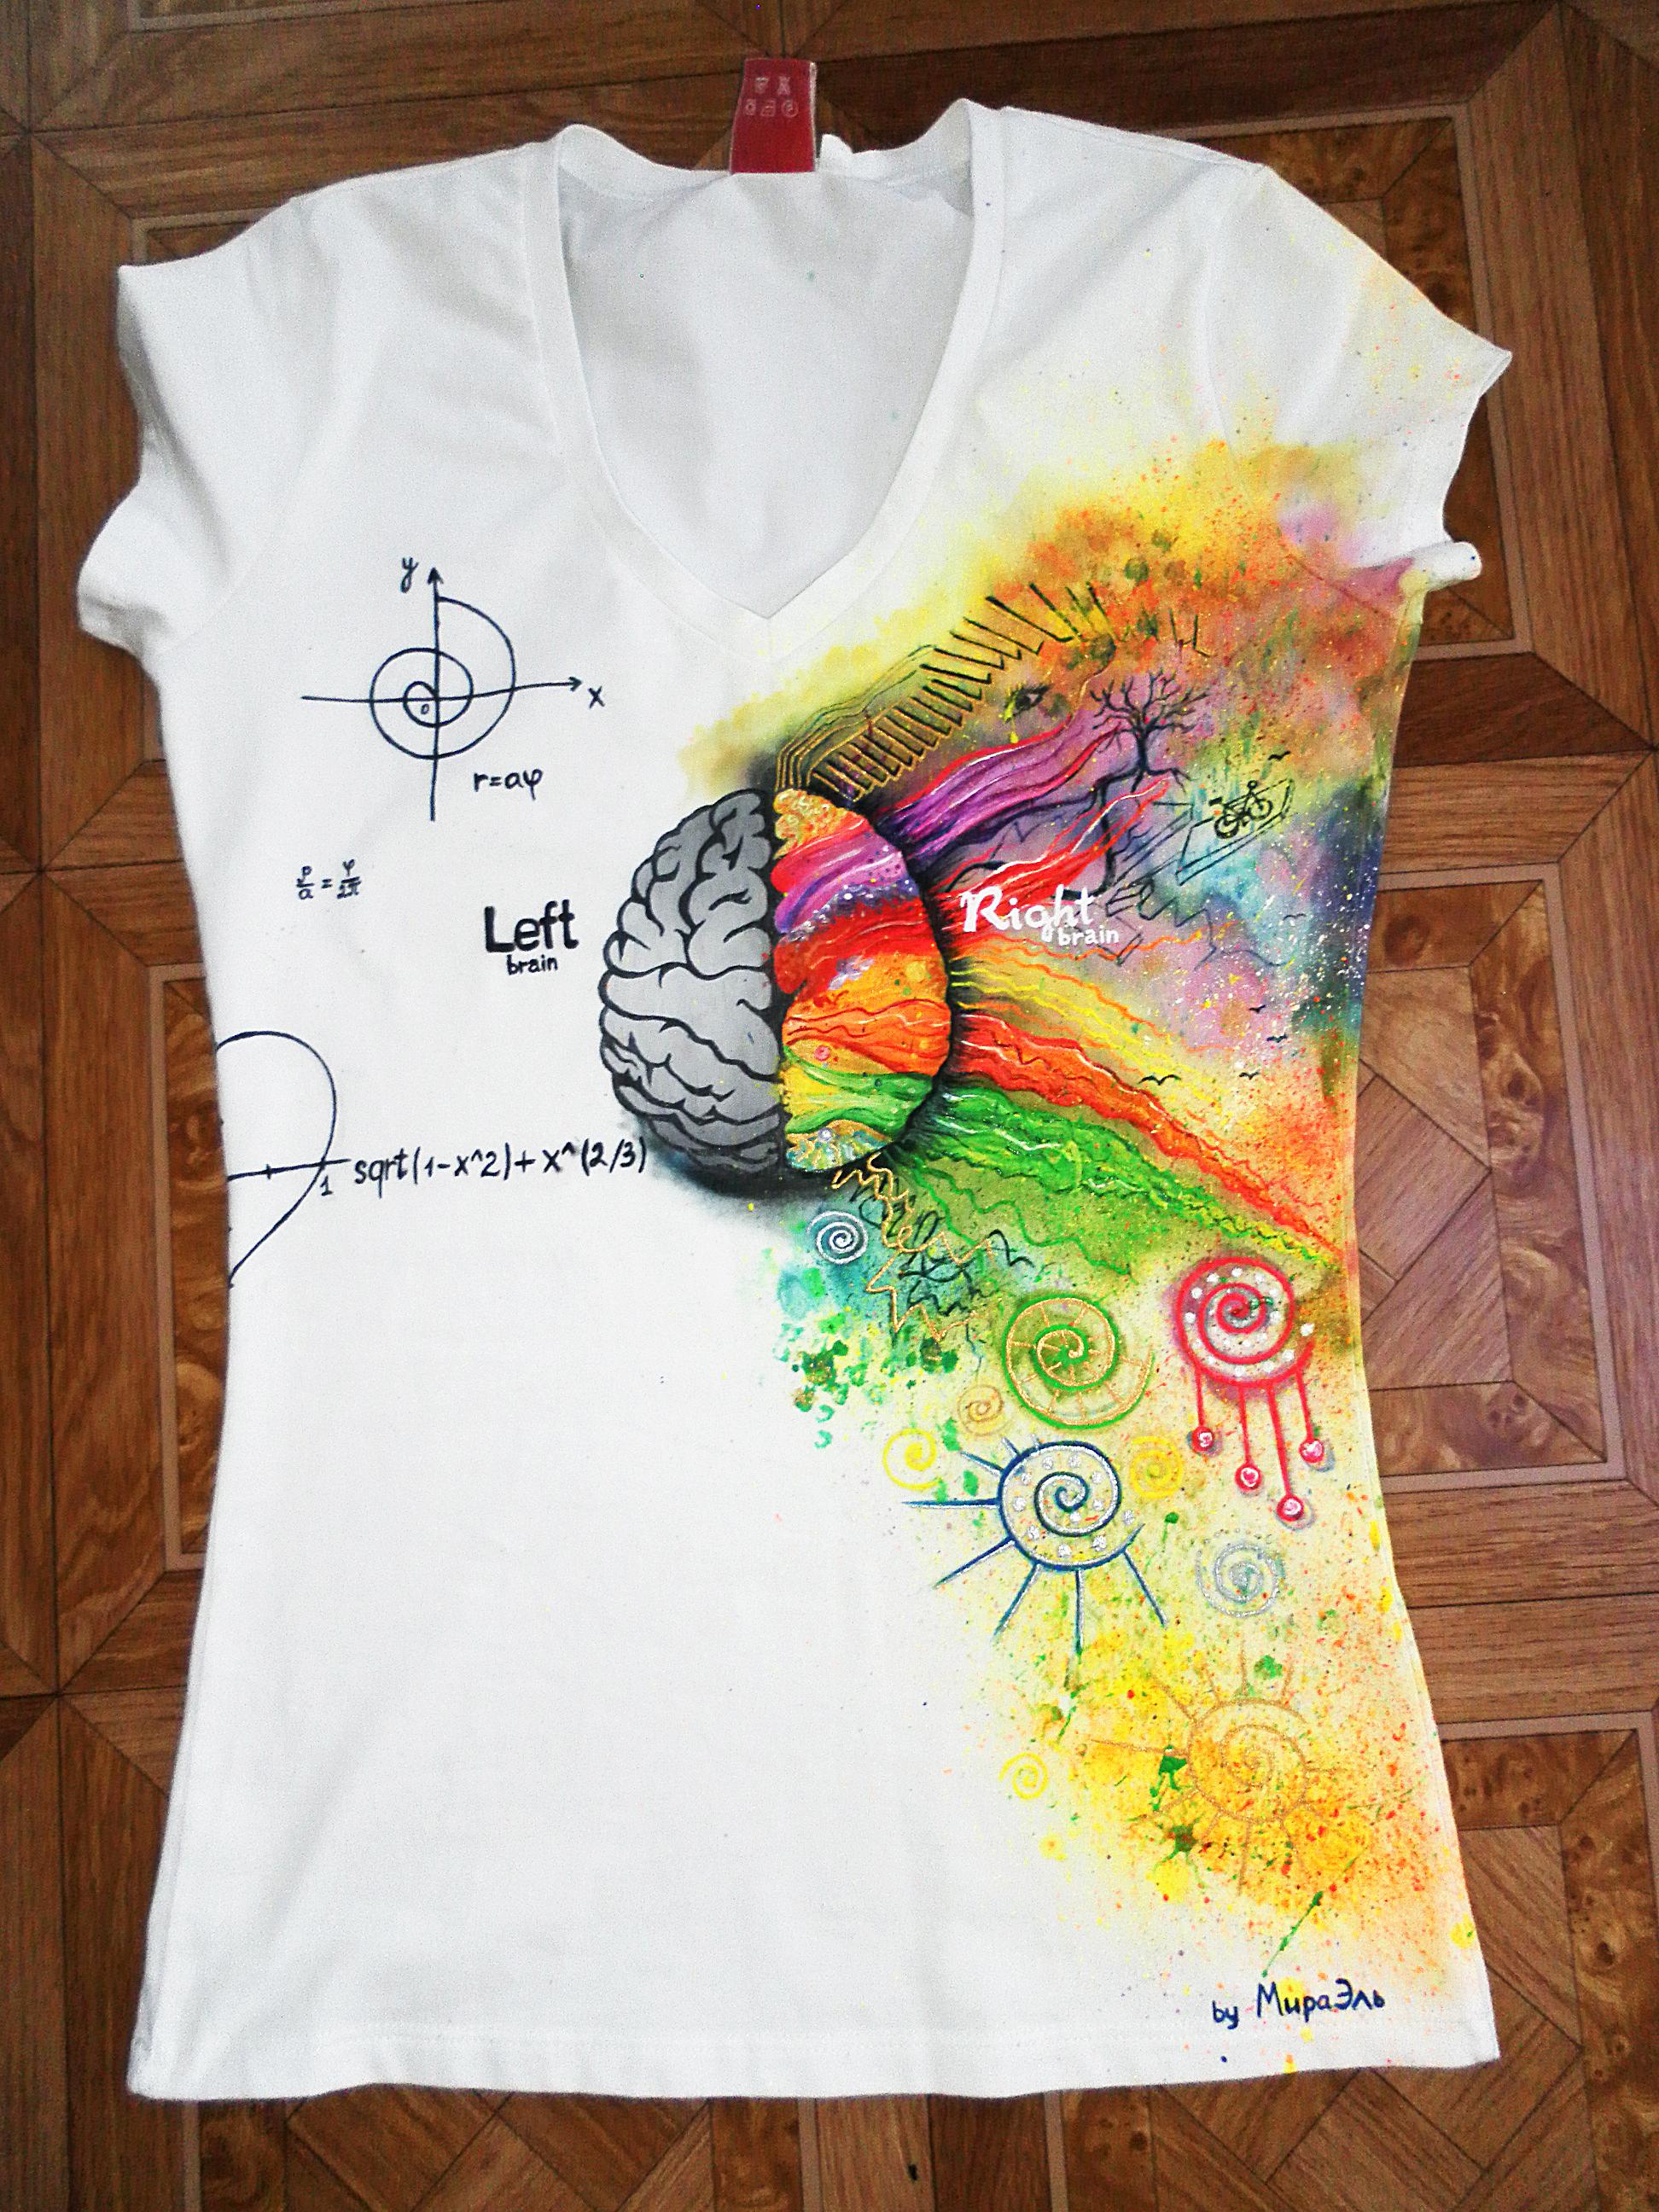 Интересная идея для футболок